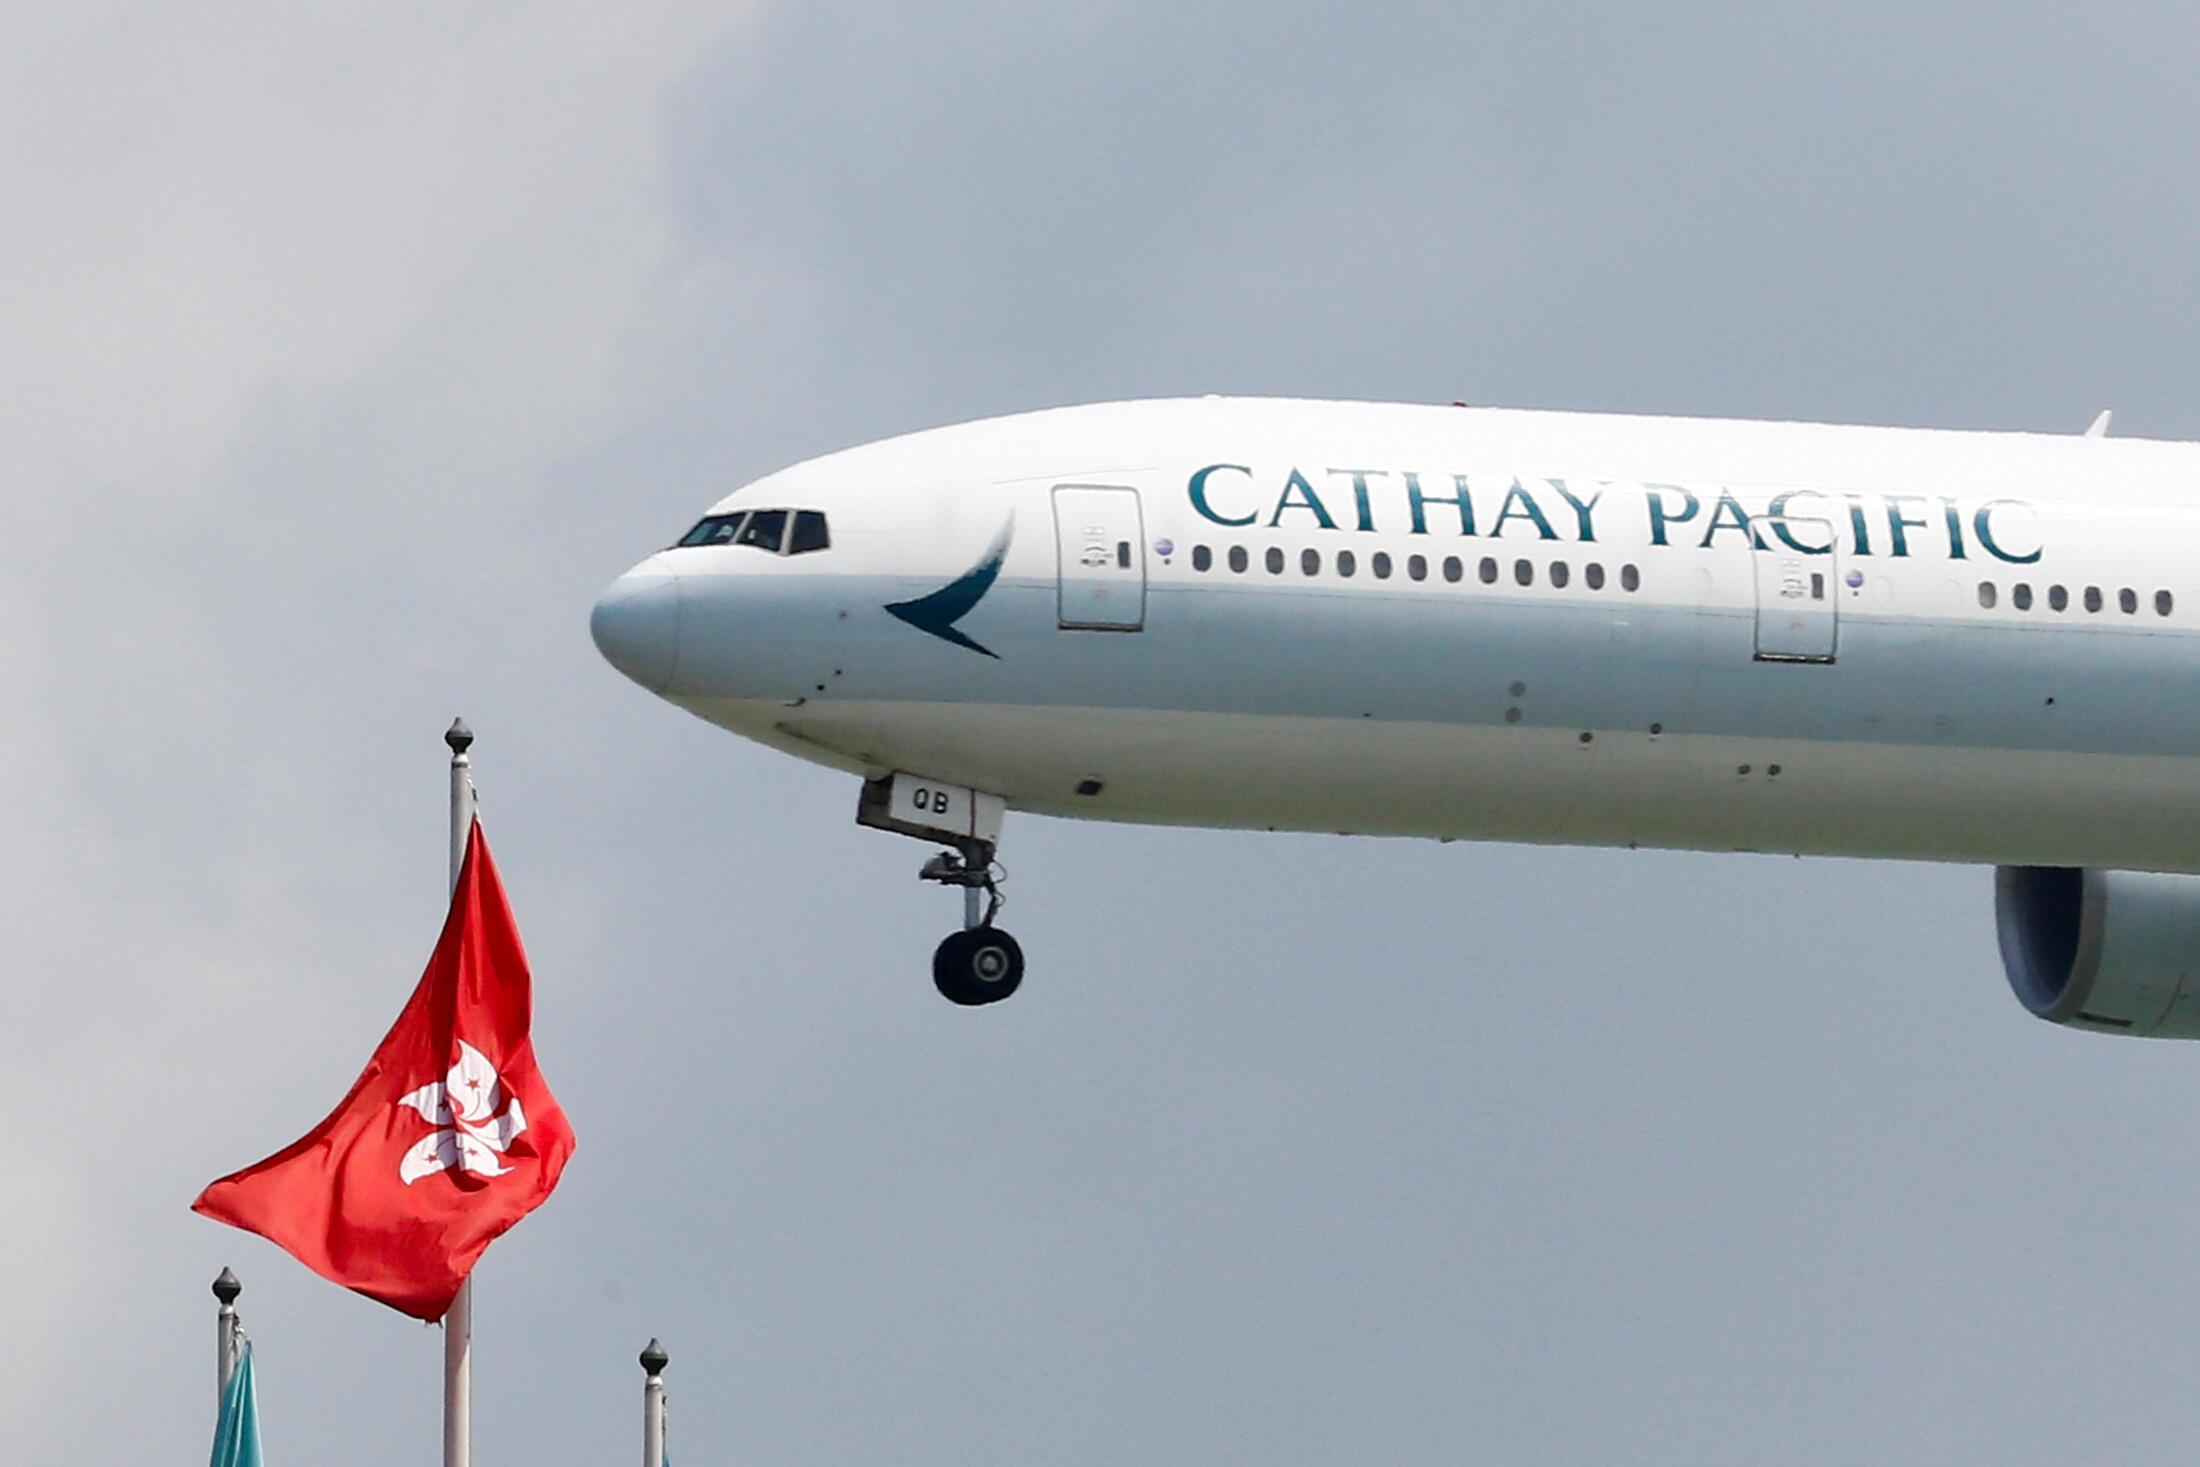 Một chiếc Boeing 777-300ER của Cathay Pacific tại sân bay Hồng Kông, ngày 14/08/2019